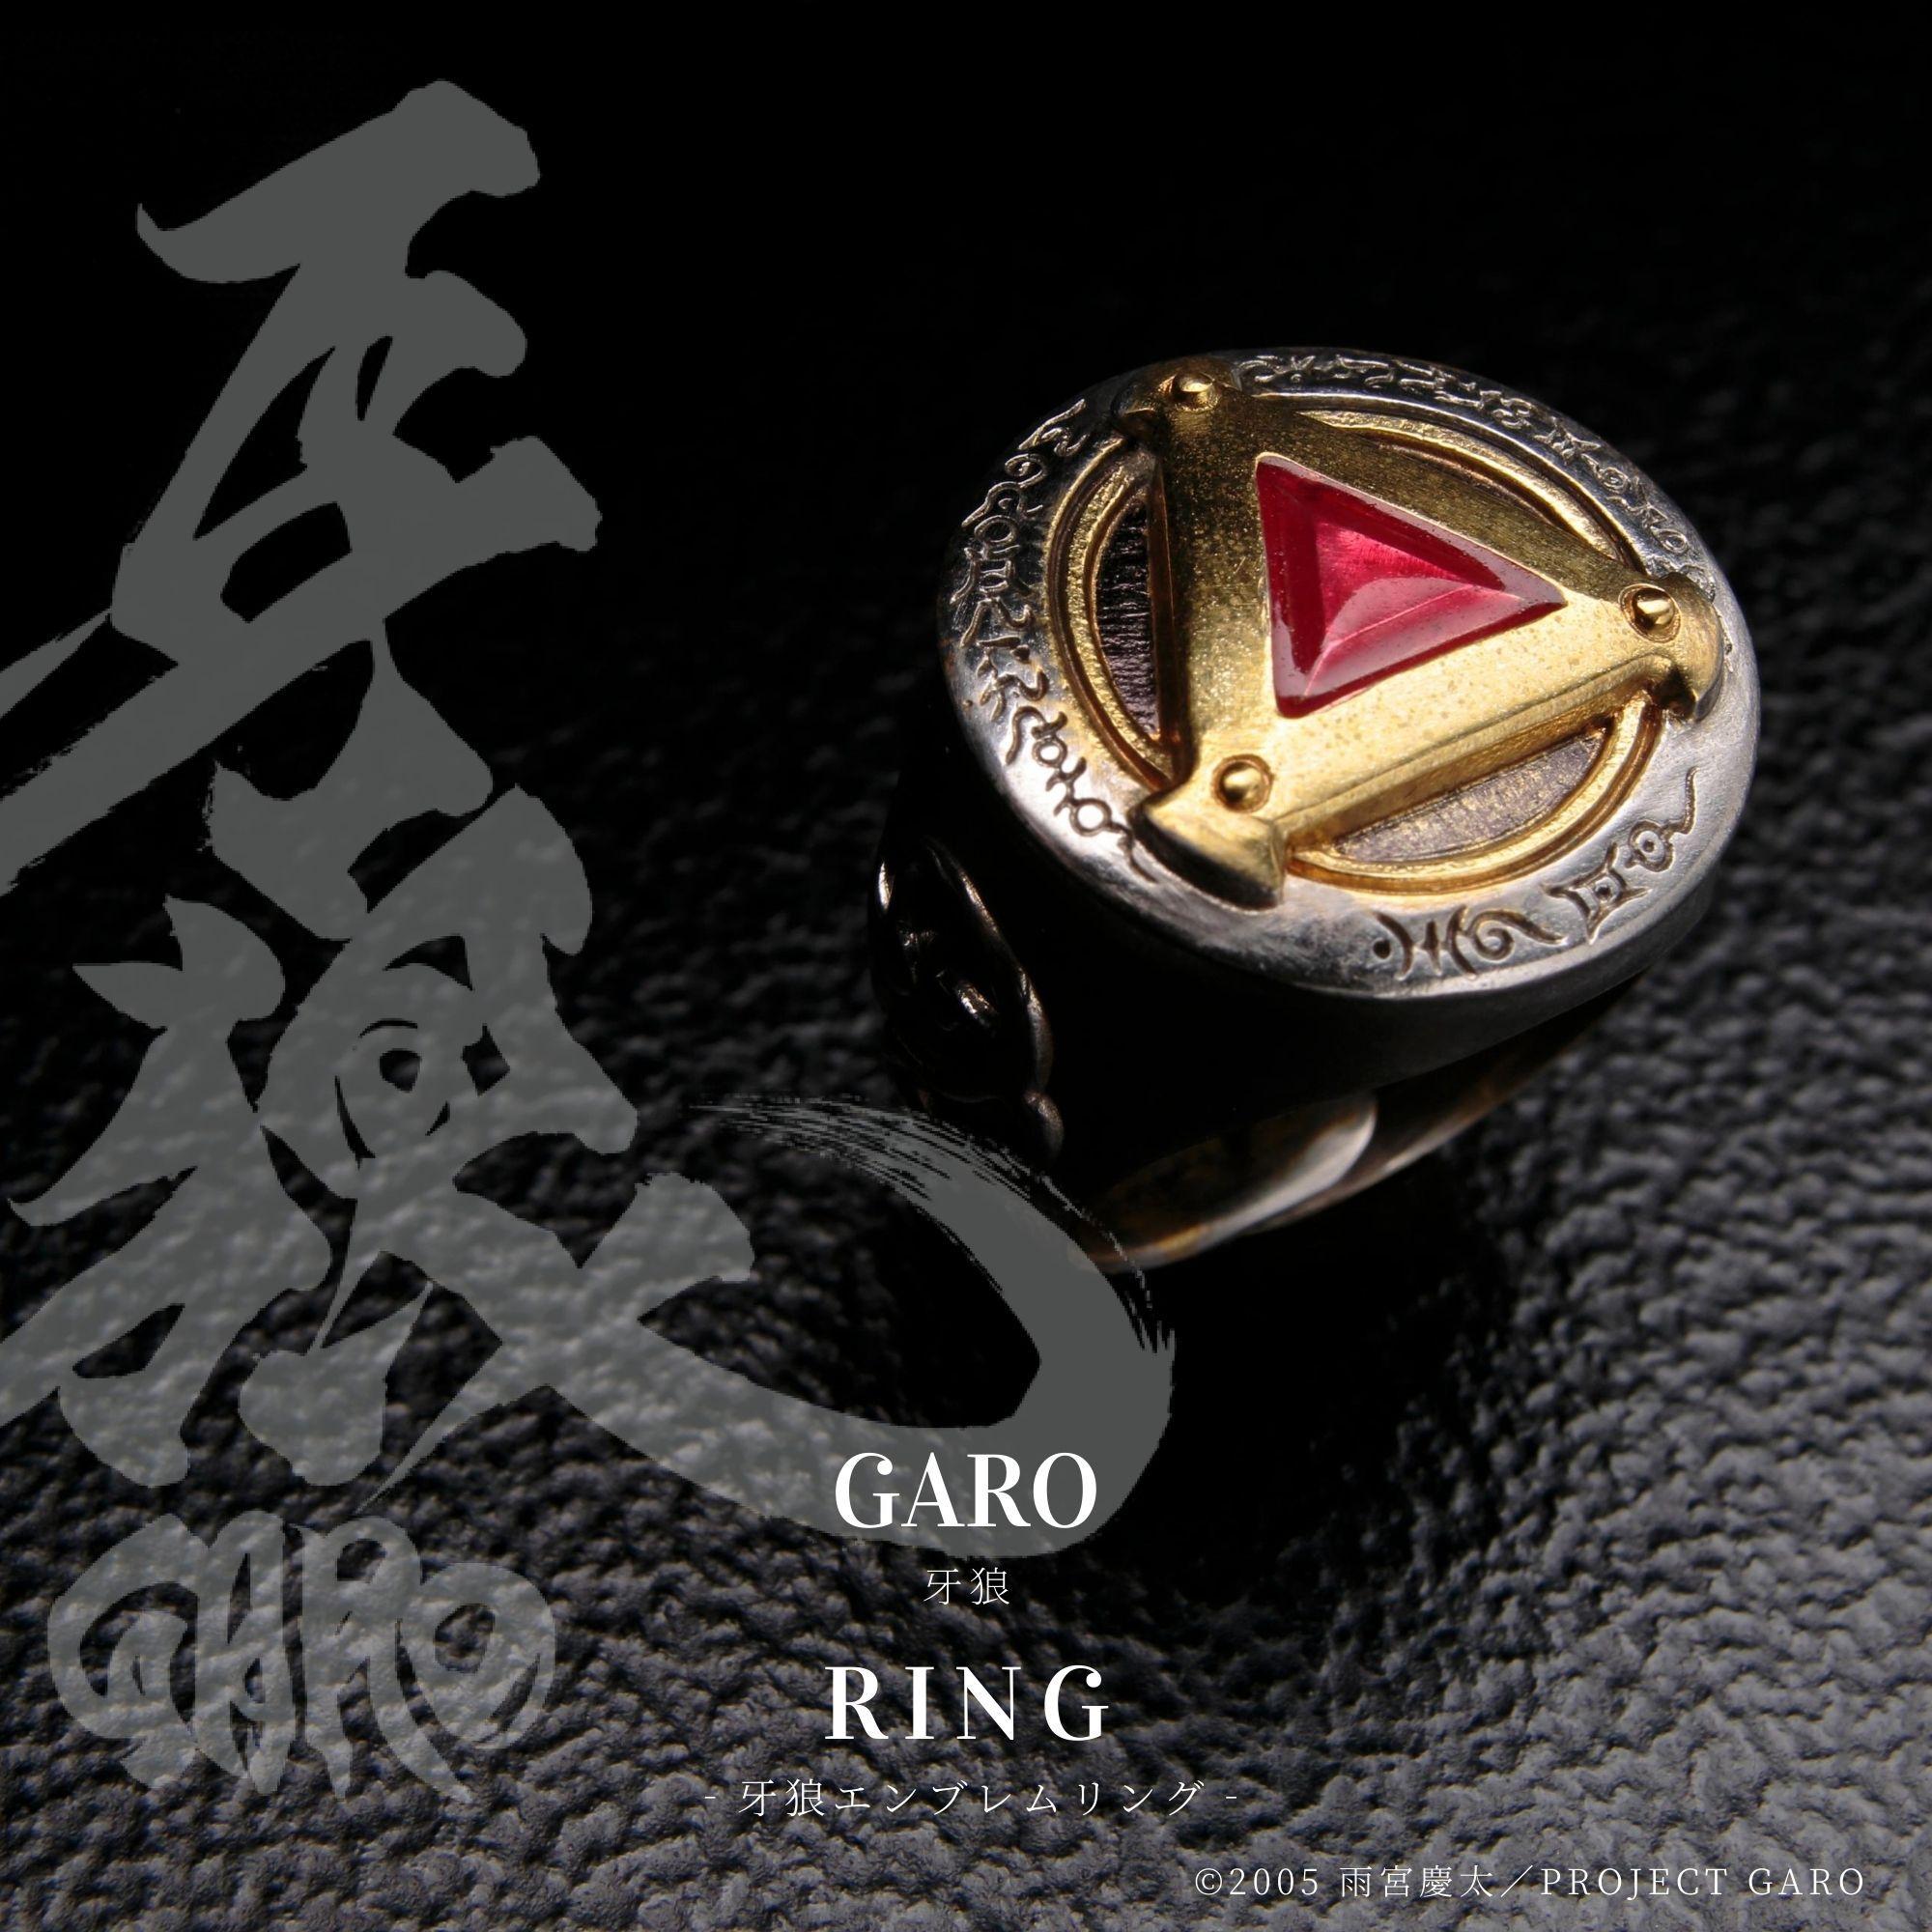 牙狼<GARO> 標記戒指